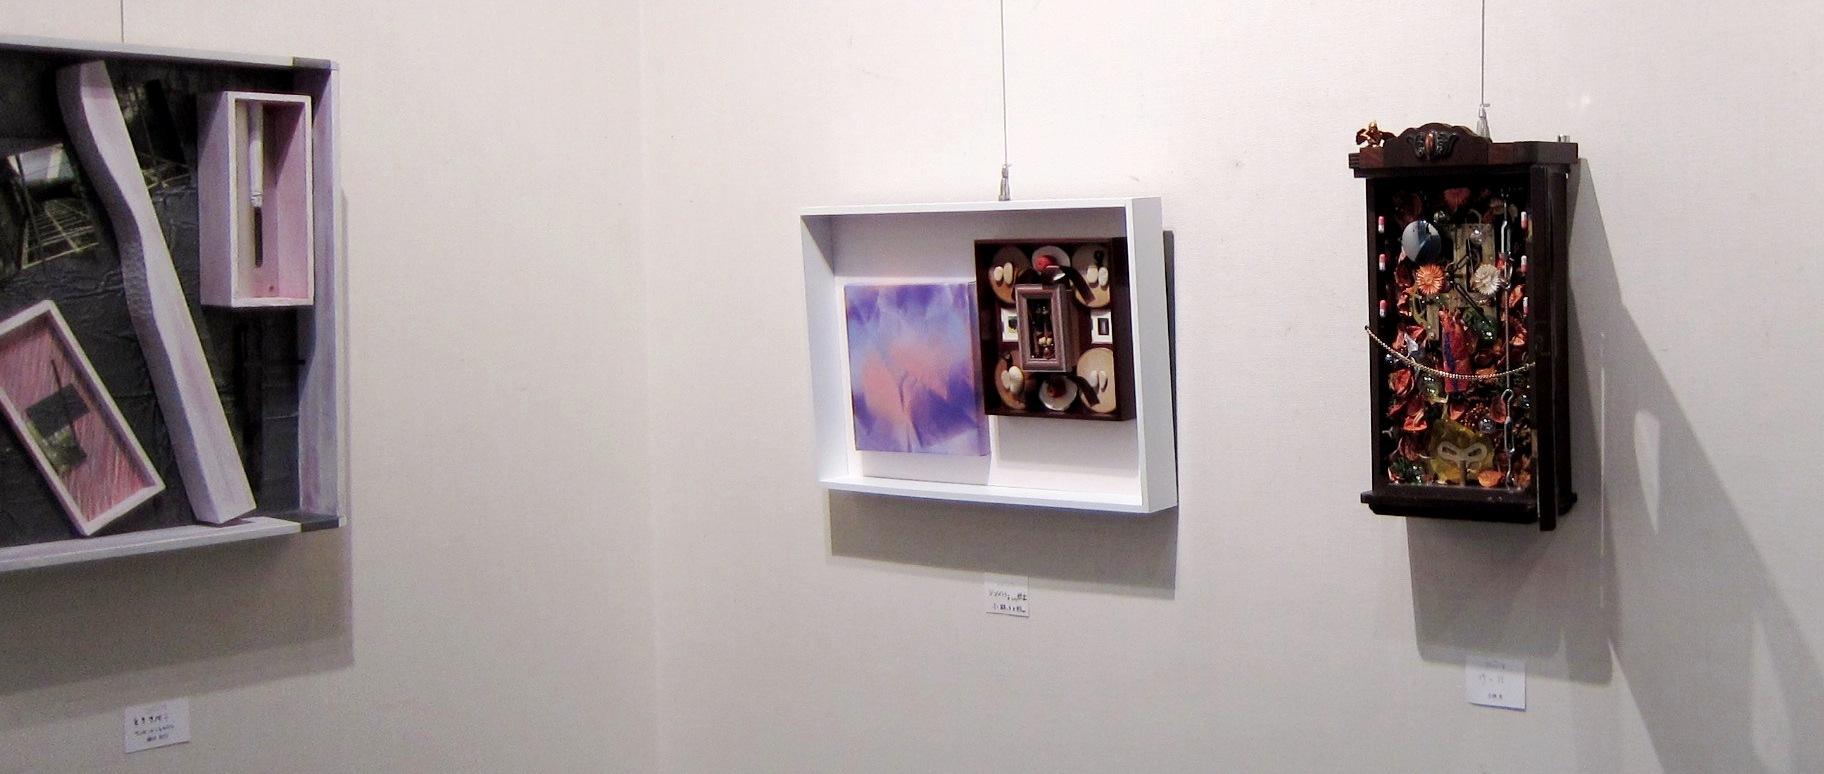 2156)「日本美術家連盟北海道地区 アーティストによる拡げる表現展」スカイ. 終了8月13日(火)~8月18日(日)_f0126829_11552753.jpg